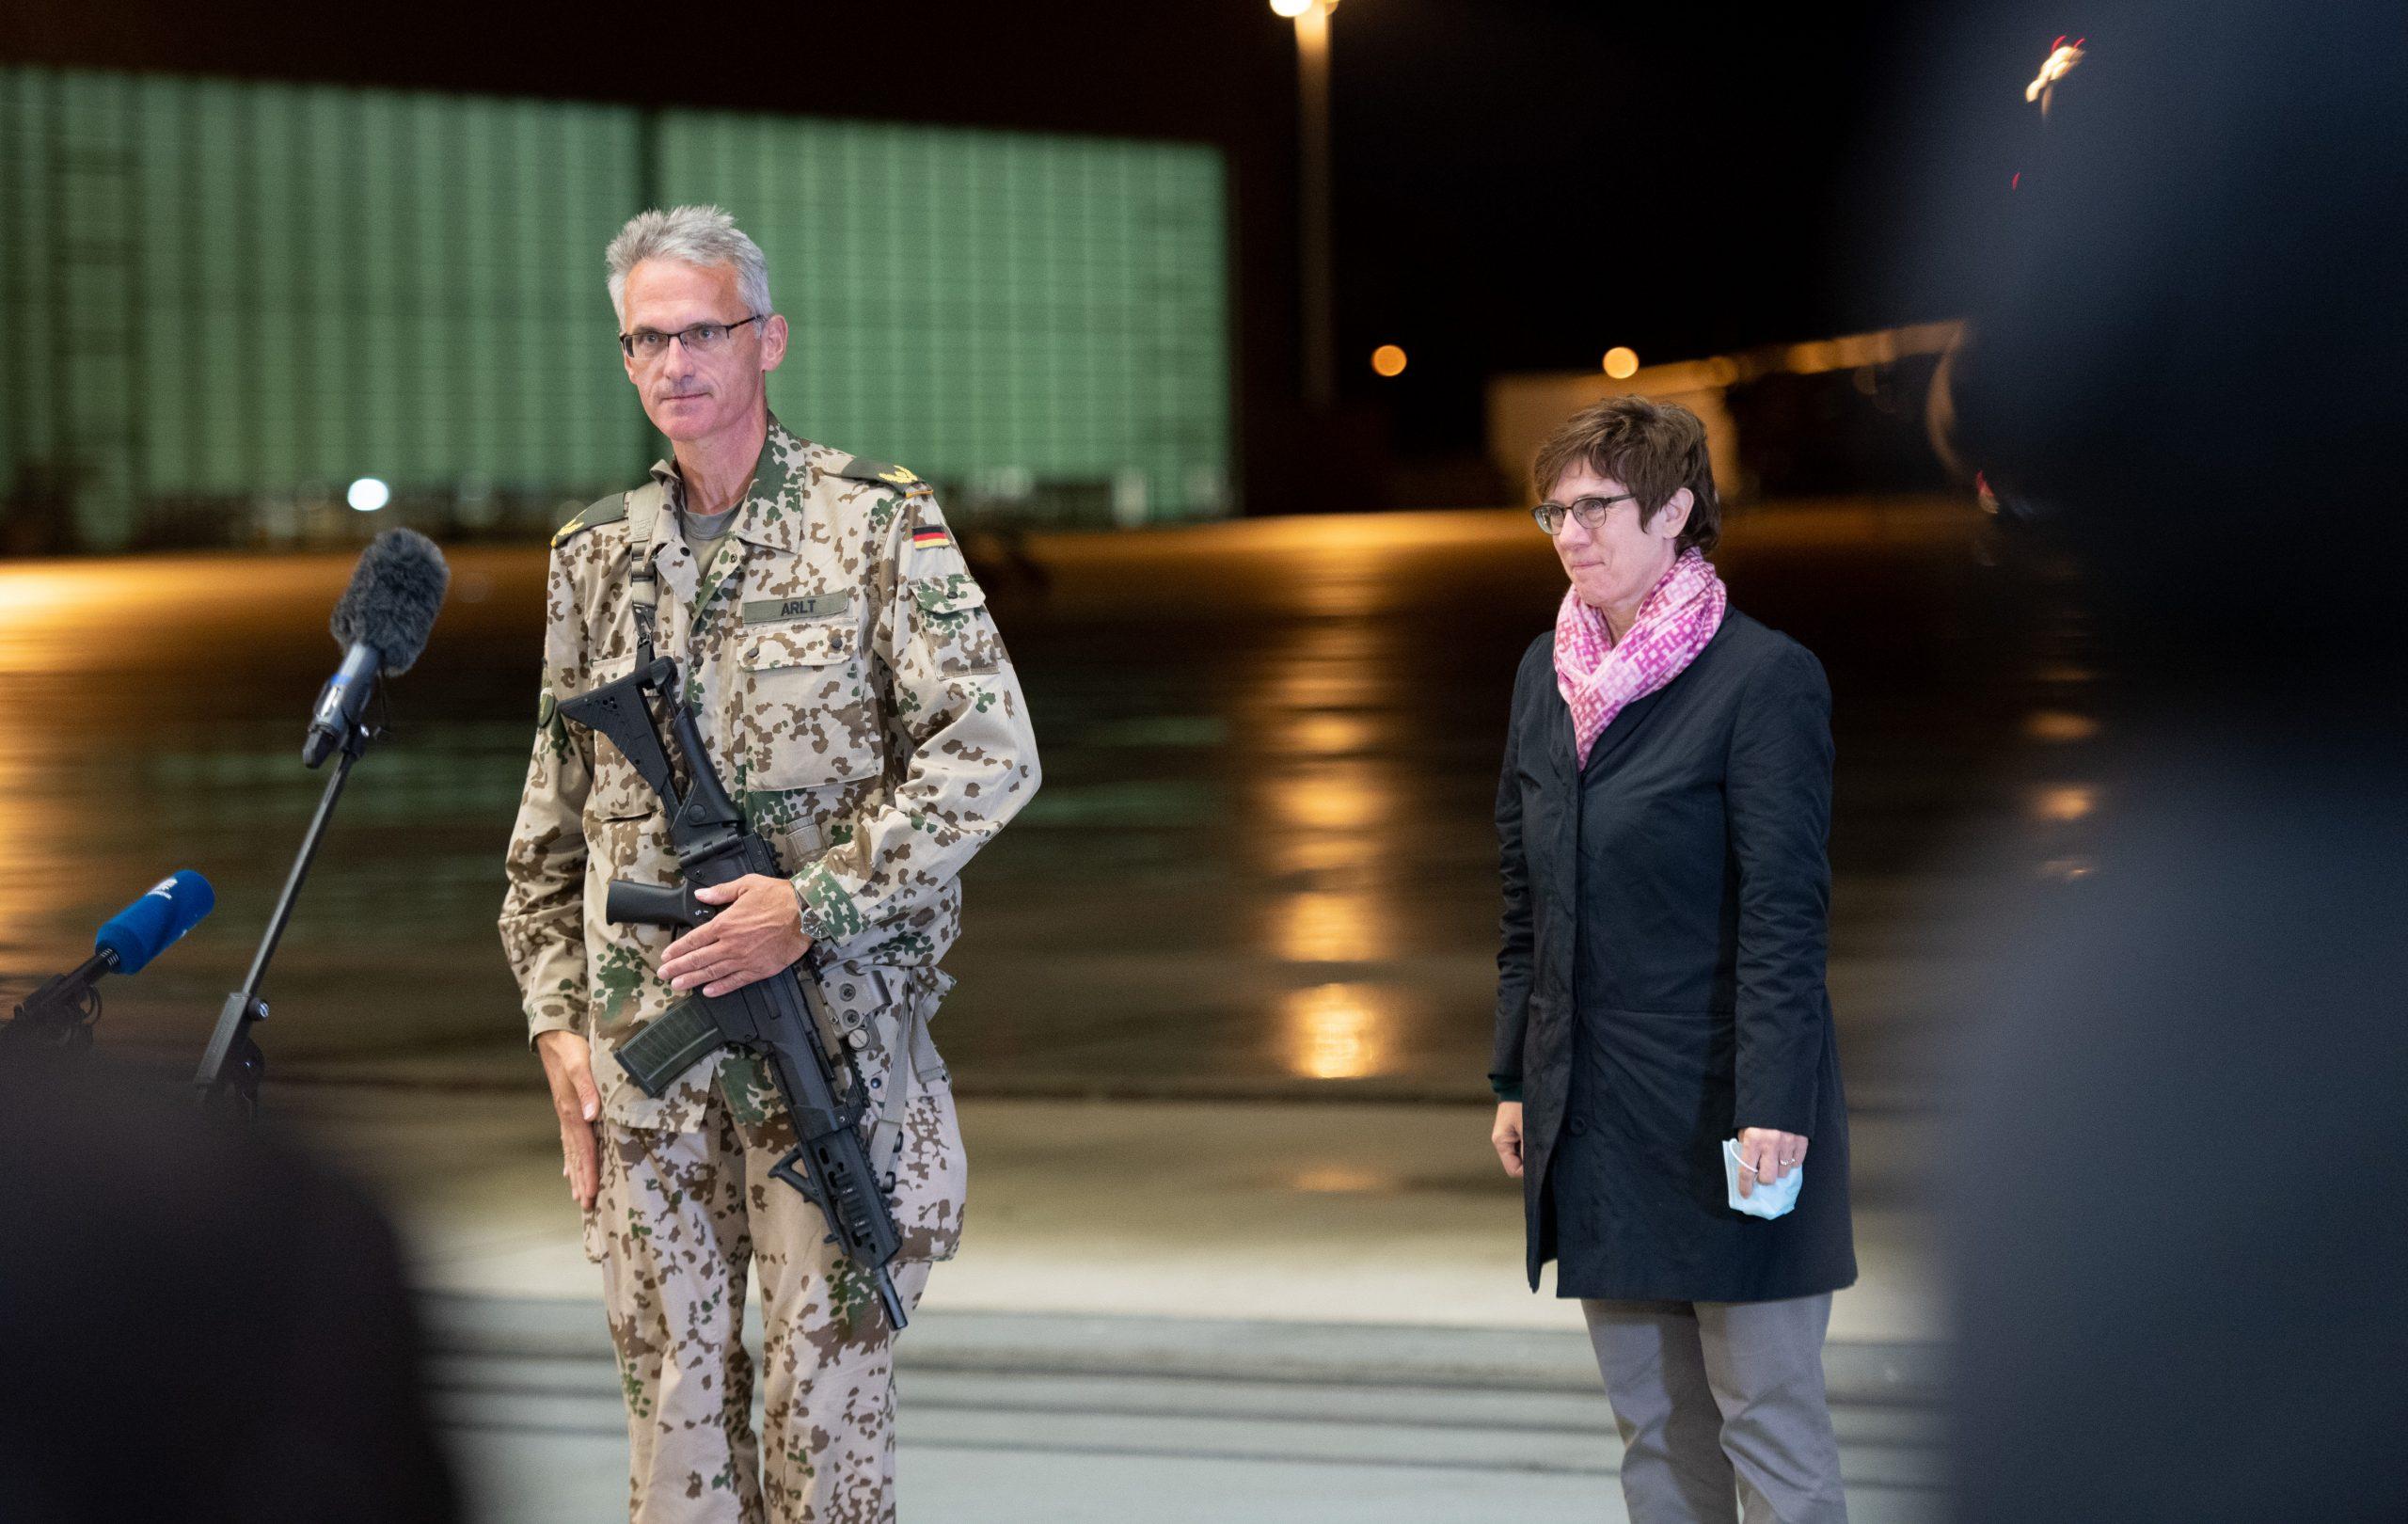 Jens Arlt, Brigadegeneral der Bundeswehr, gibt mit einem Sturmgewehr in der Hand auf dem niedersächsischen Stützpunkt Wunstorf ein Statement ab.